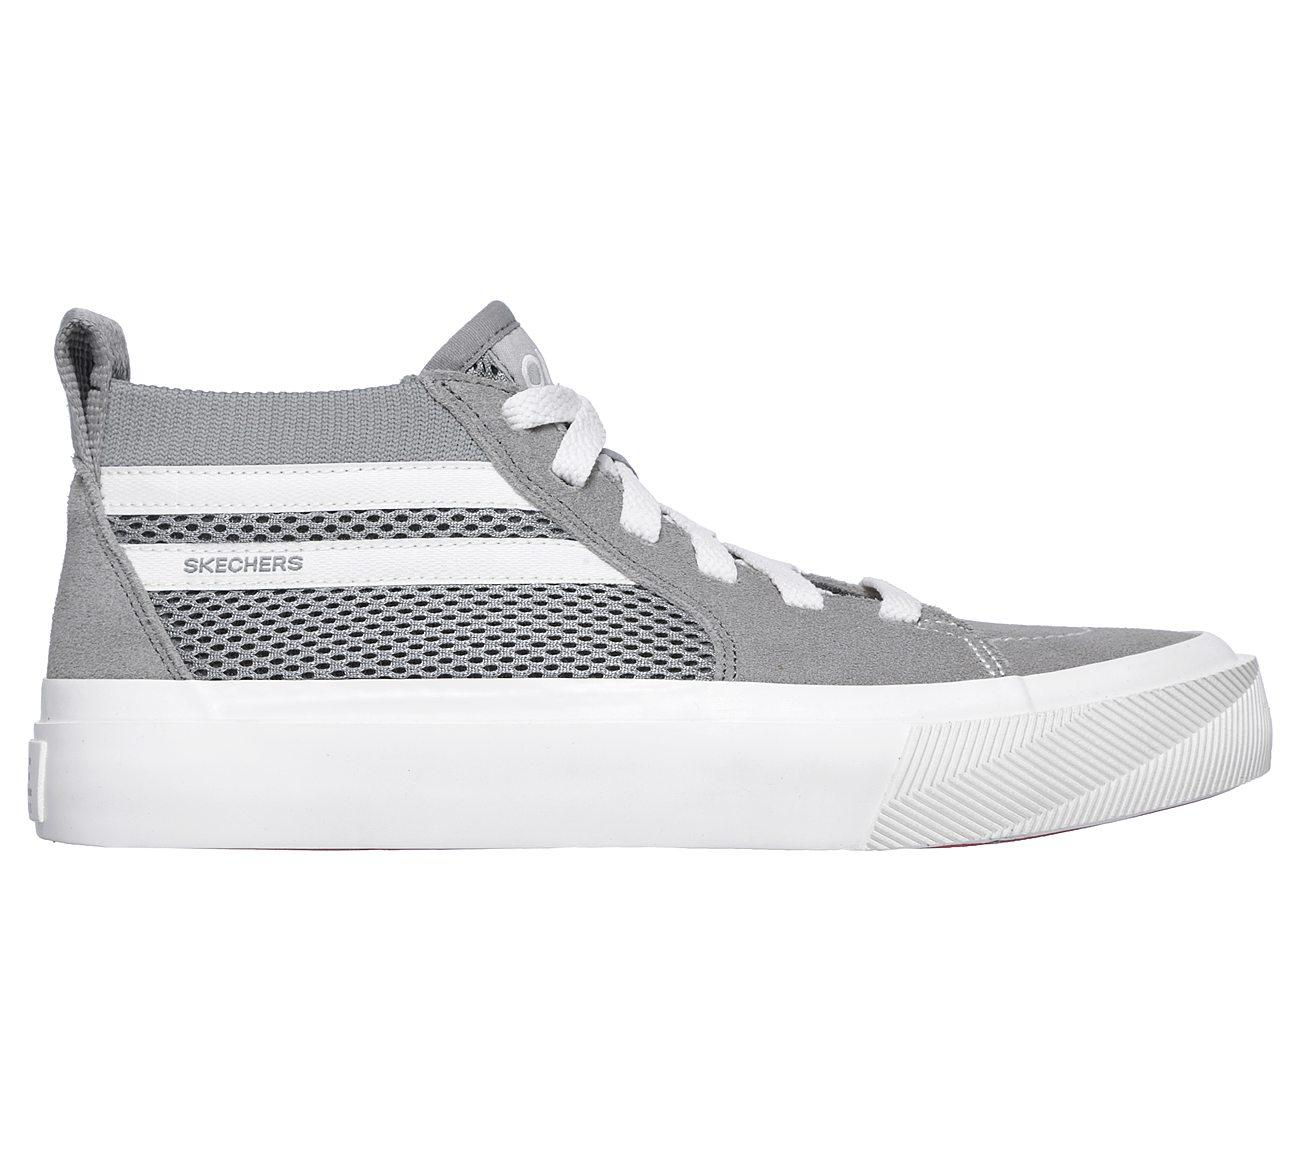 fbd3a4dd03b Buy SKECHERS Skechers ONE Champ Ultra Skechers ONE Shoes only  55.00